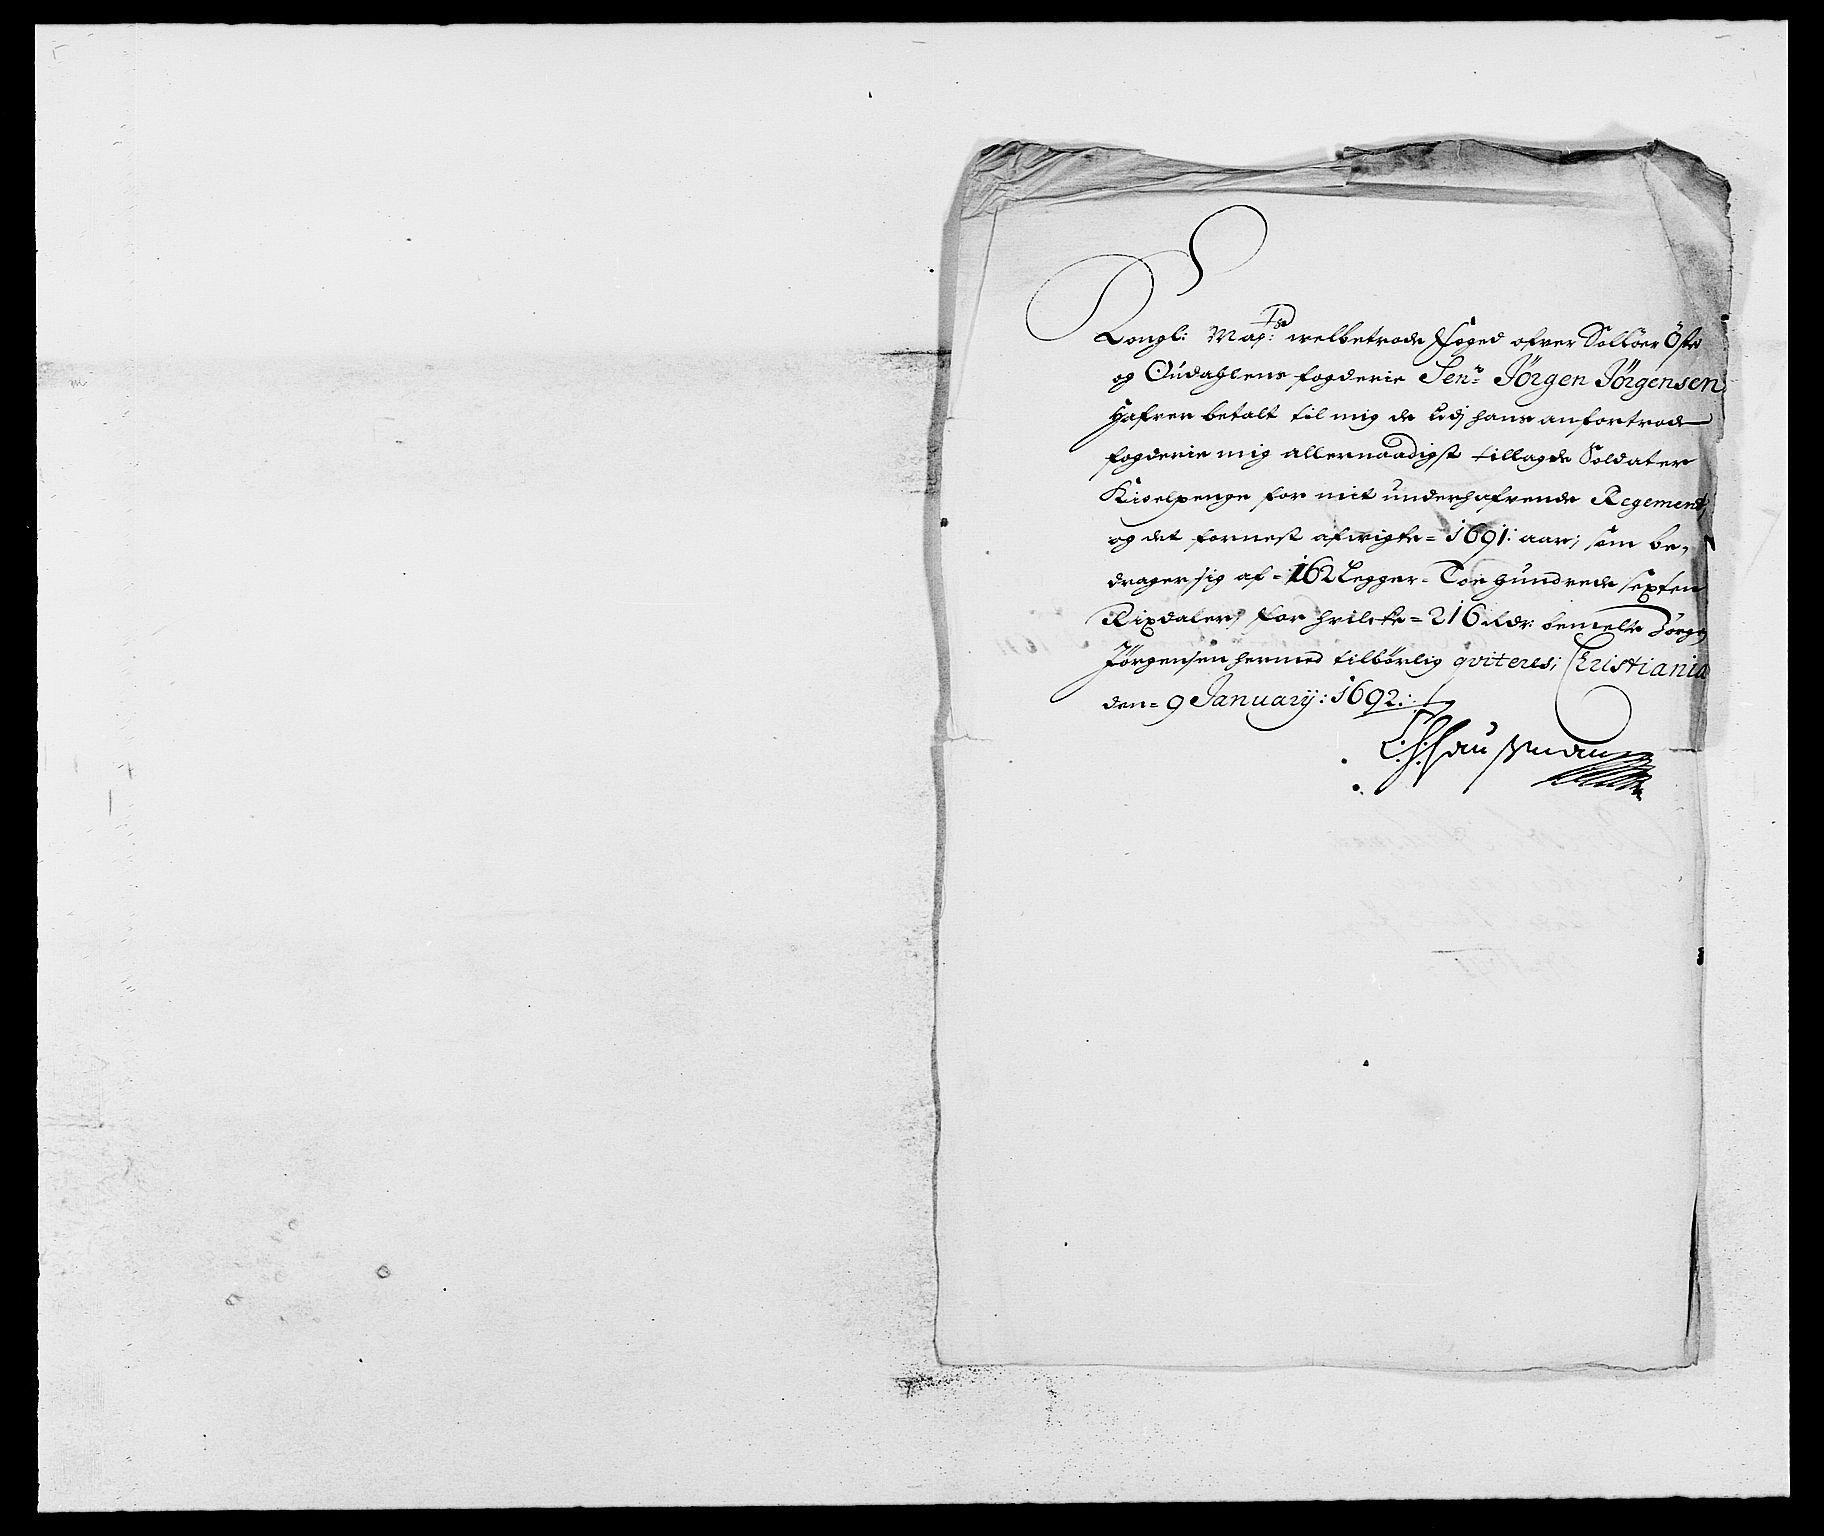 RA, Rentekammeret inntil 1814, Reviderte regnskaper, Fogderegnskap, R13/L0829: Fogderegnskap Solør, Odal og Østerdal, 1691, s. 28